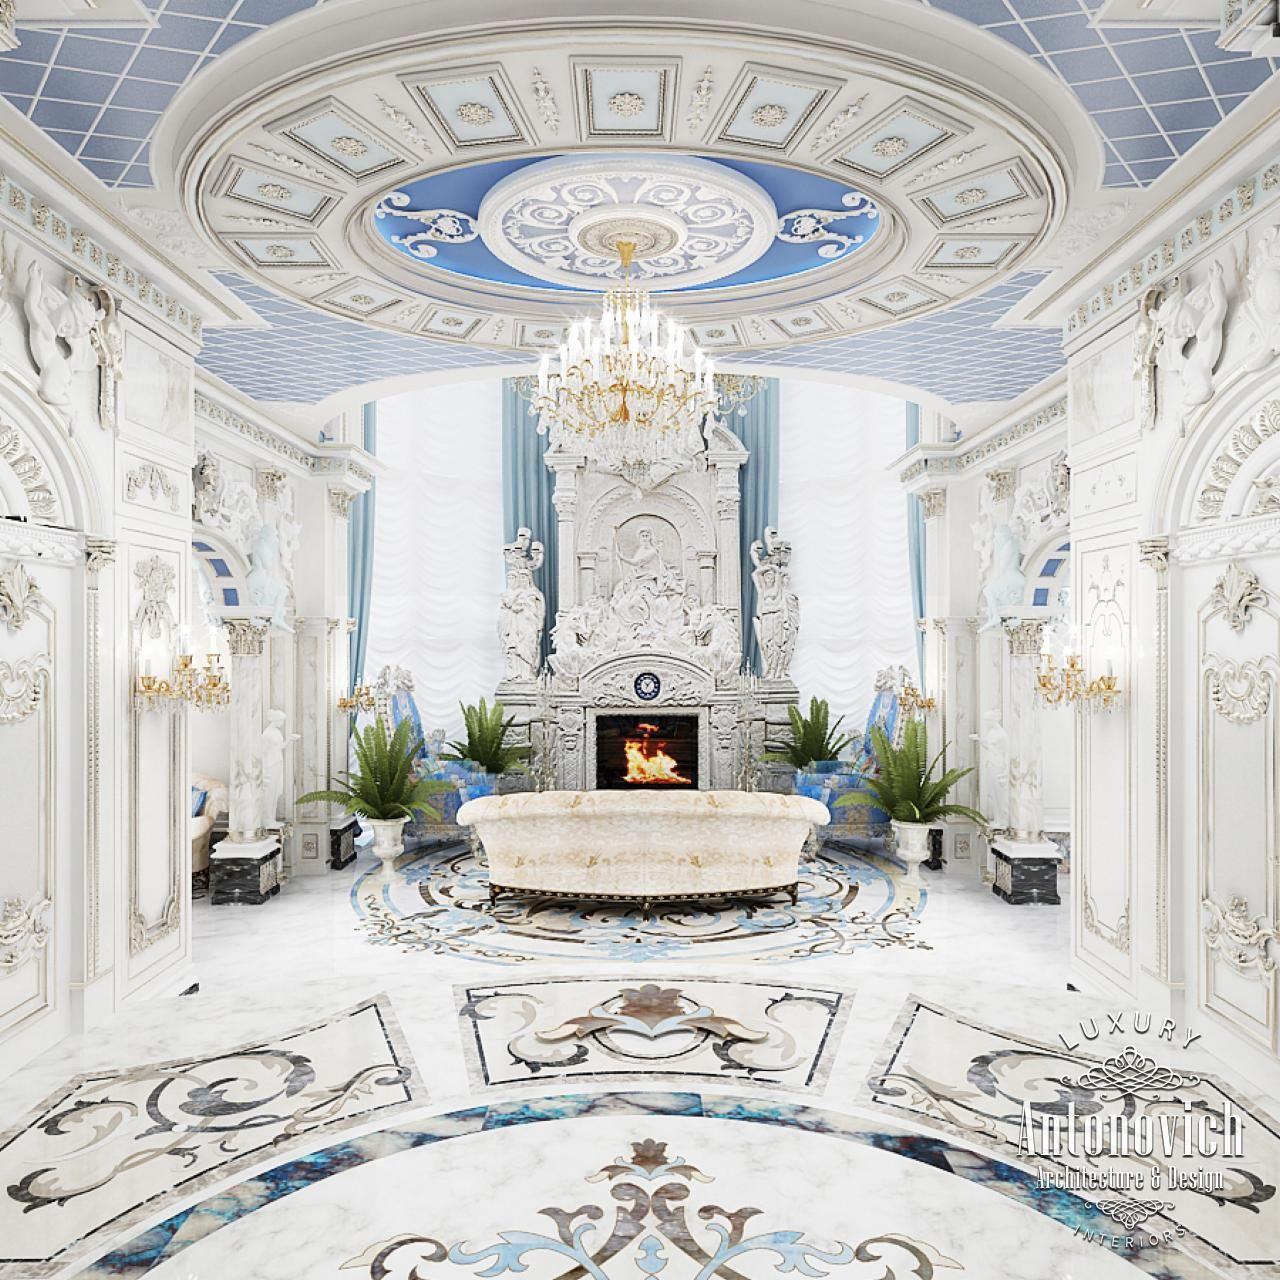 Luxury Interior Design Services: Villa Interior Design In Dubai, Palace In Dubai, Photo 15